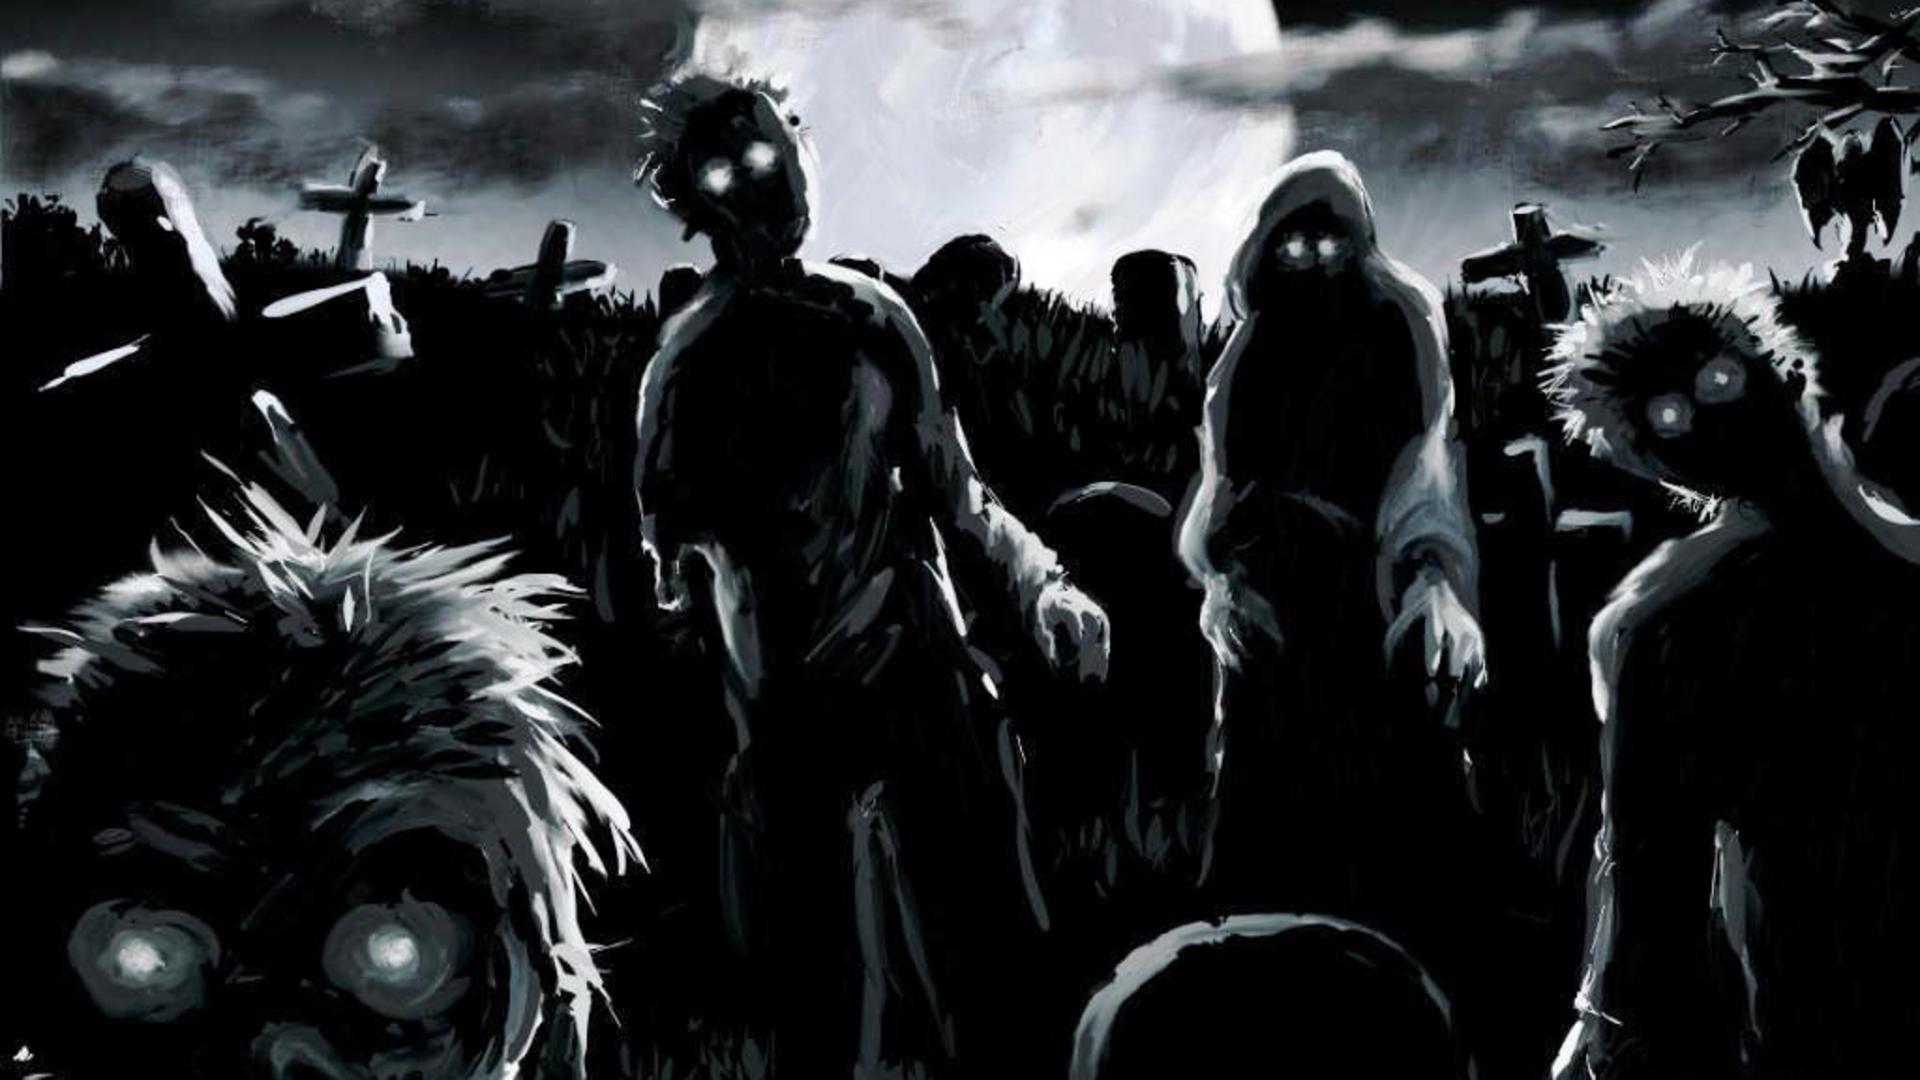 Wallpaper de Zombies